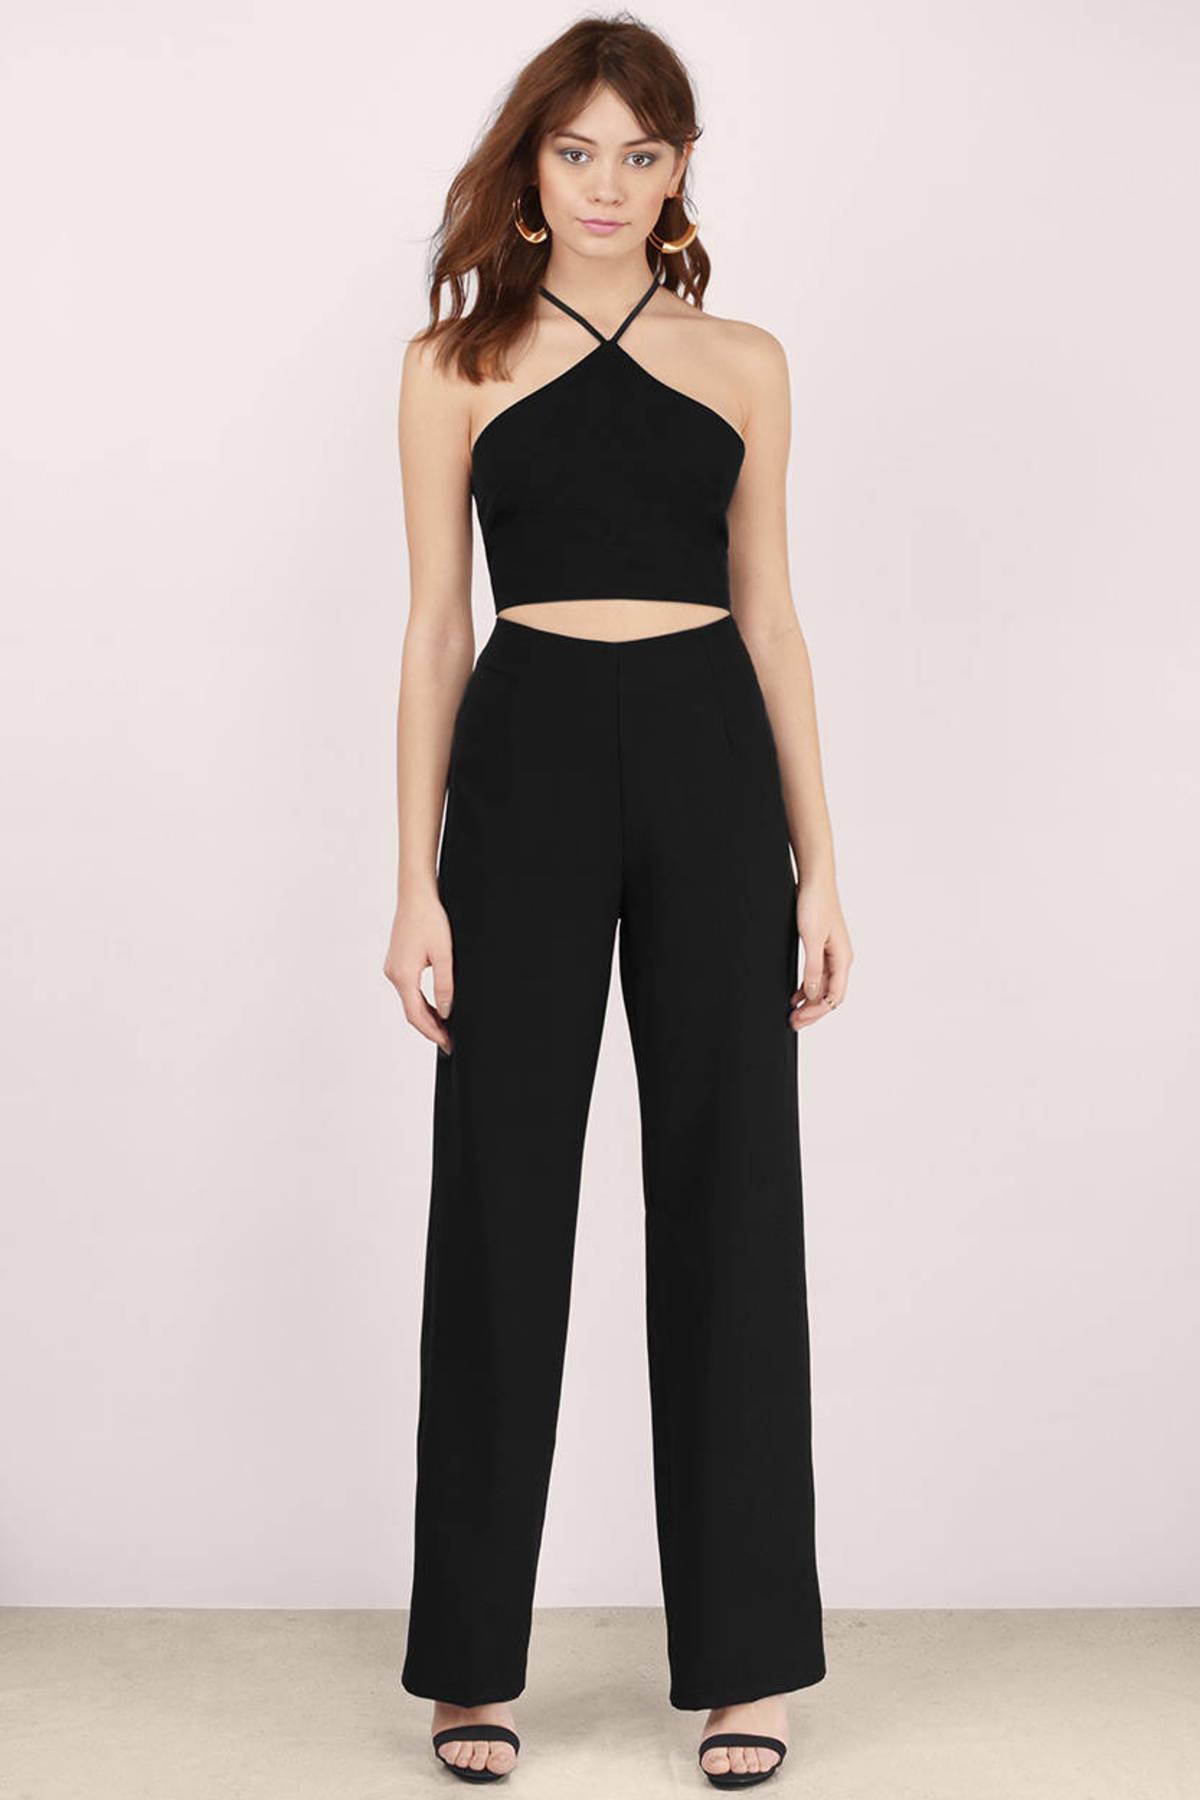 Black Jumpsuit - Black Jumpsuit - Halter Jumpsuit - $58.00